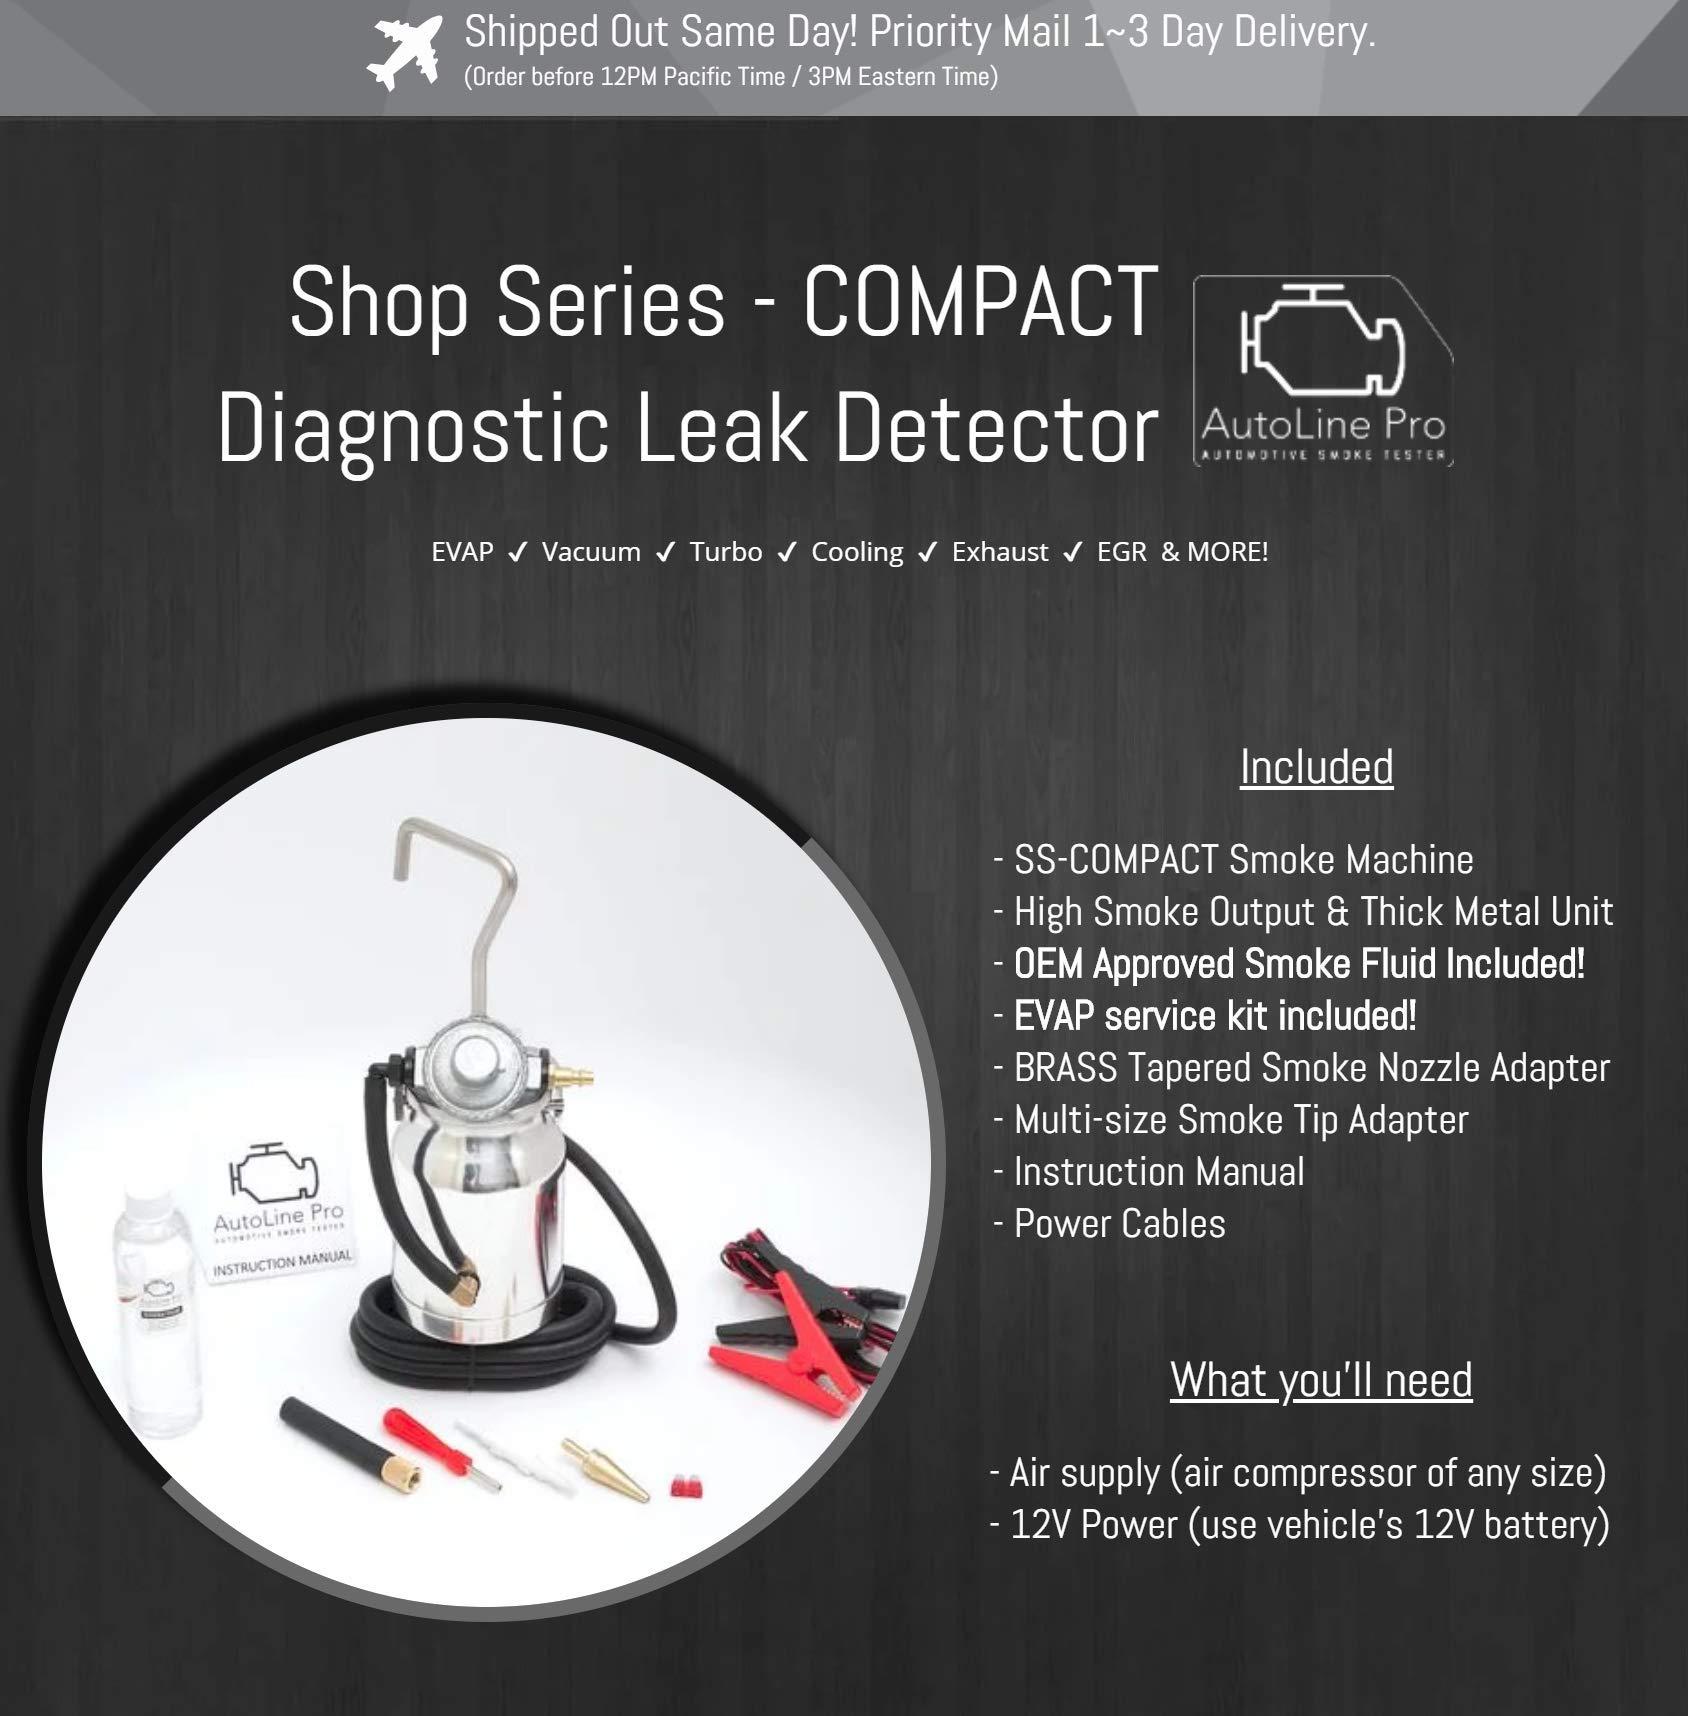 AutoLine Pro EVAP Vacuum Automotive Smoke Machine Leak Detector Diagnostic Tester - Shop Series - Compact by AutoLine Pro (Image #3)